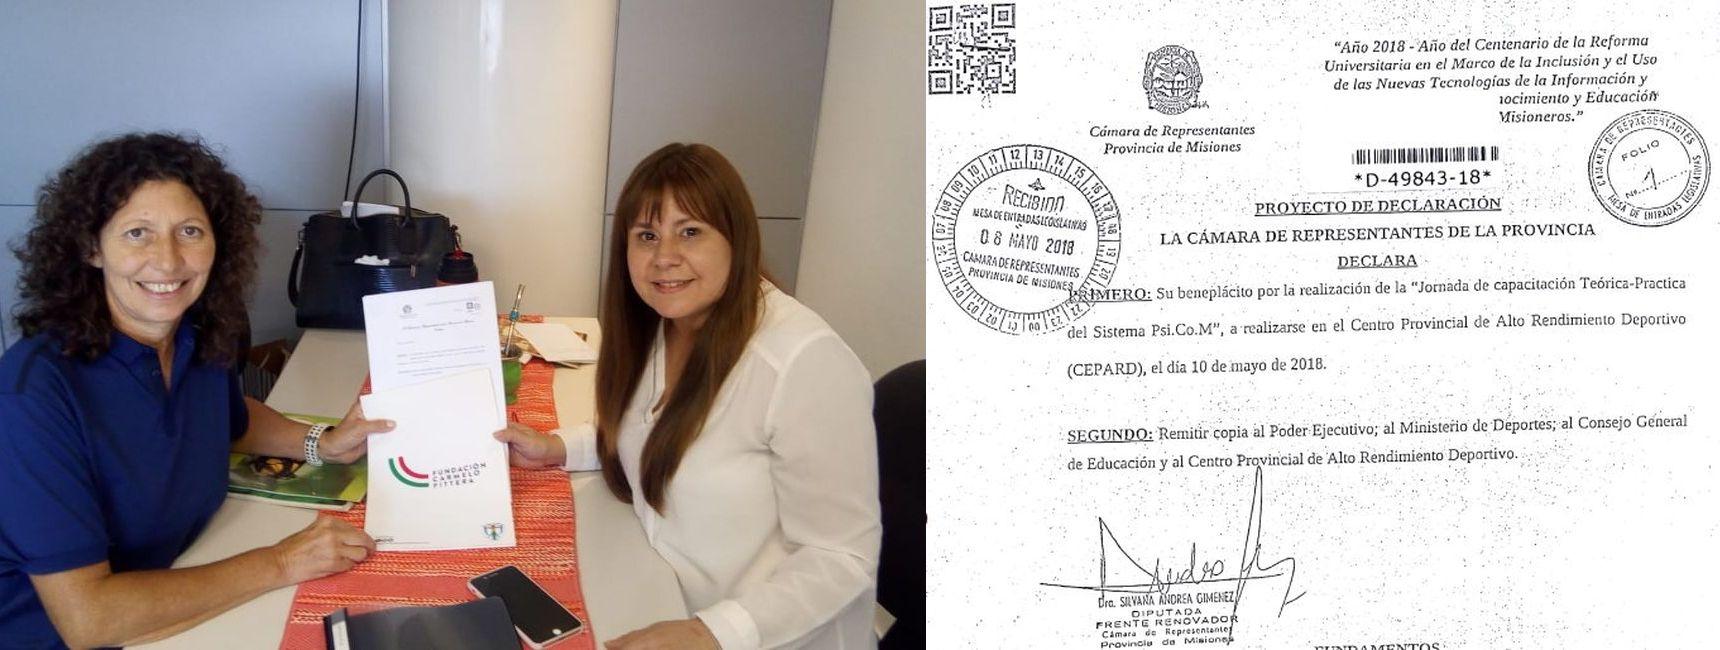 EL PSICOM FUE DECLARADO DE INTERÉS PROVINCIAL POR DIPUTADOS DE MISIONES